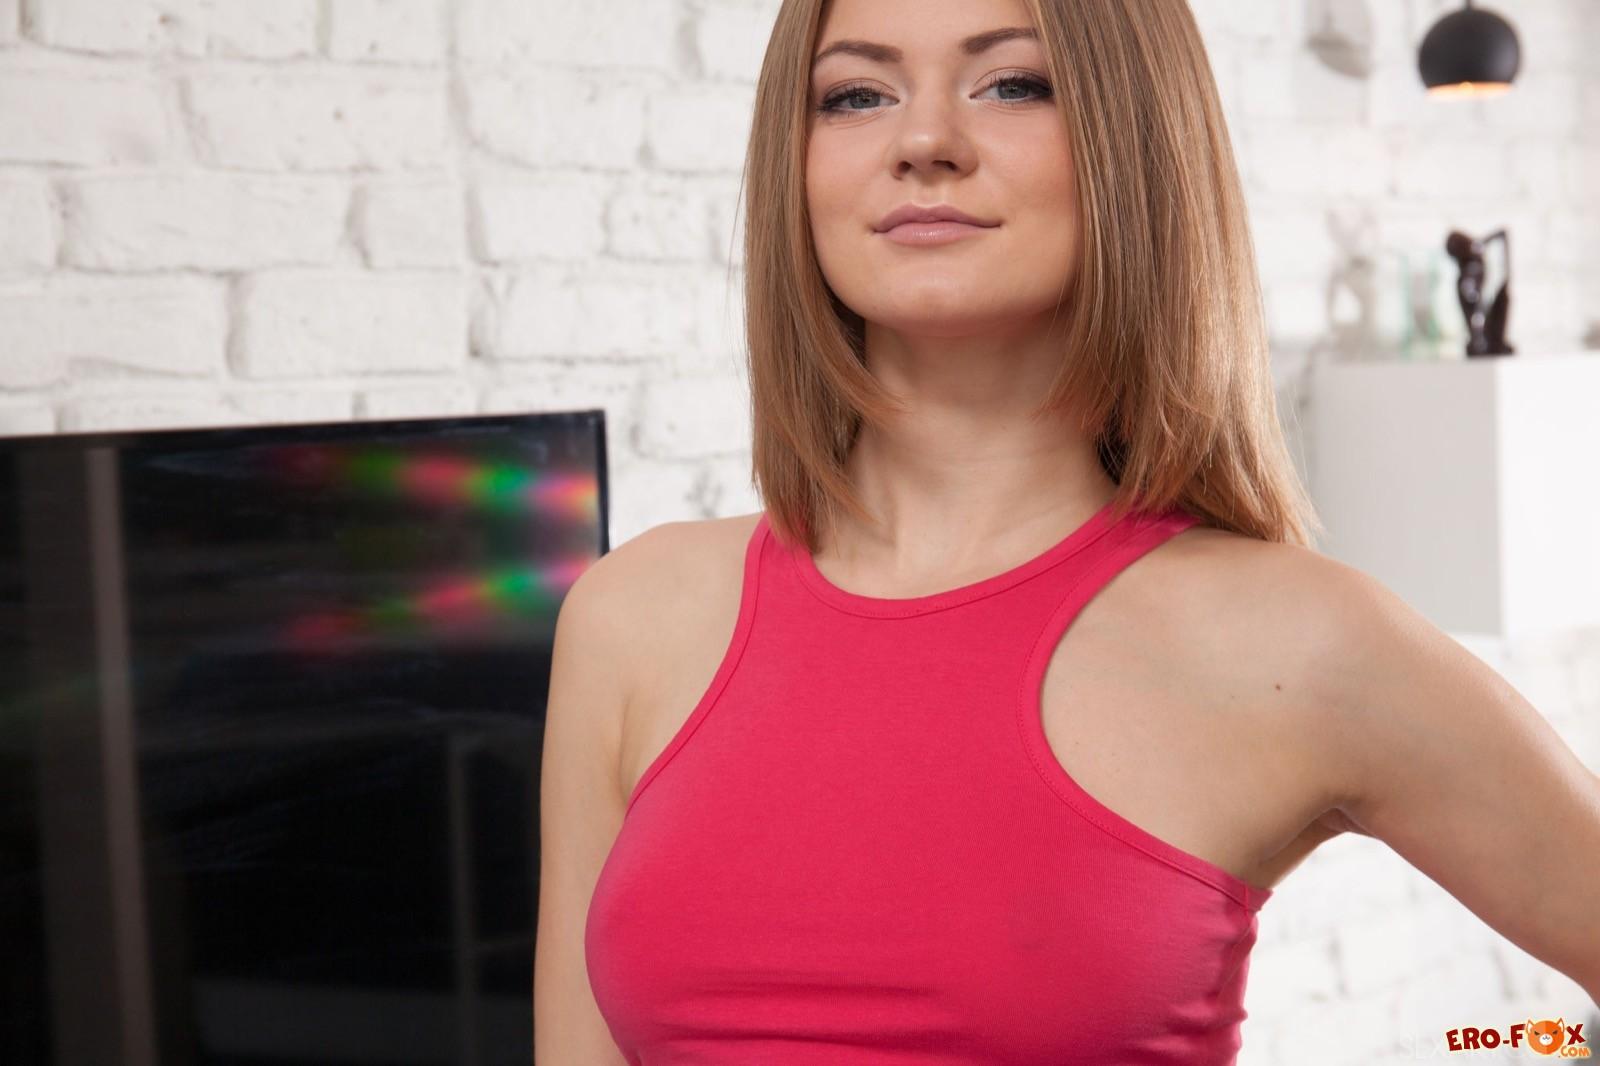 Вставая раком девушка оттопыривает упругую задницу